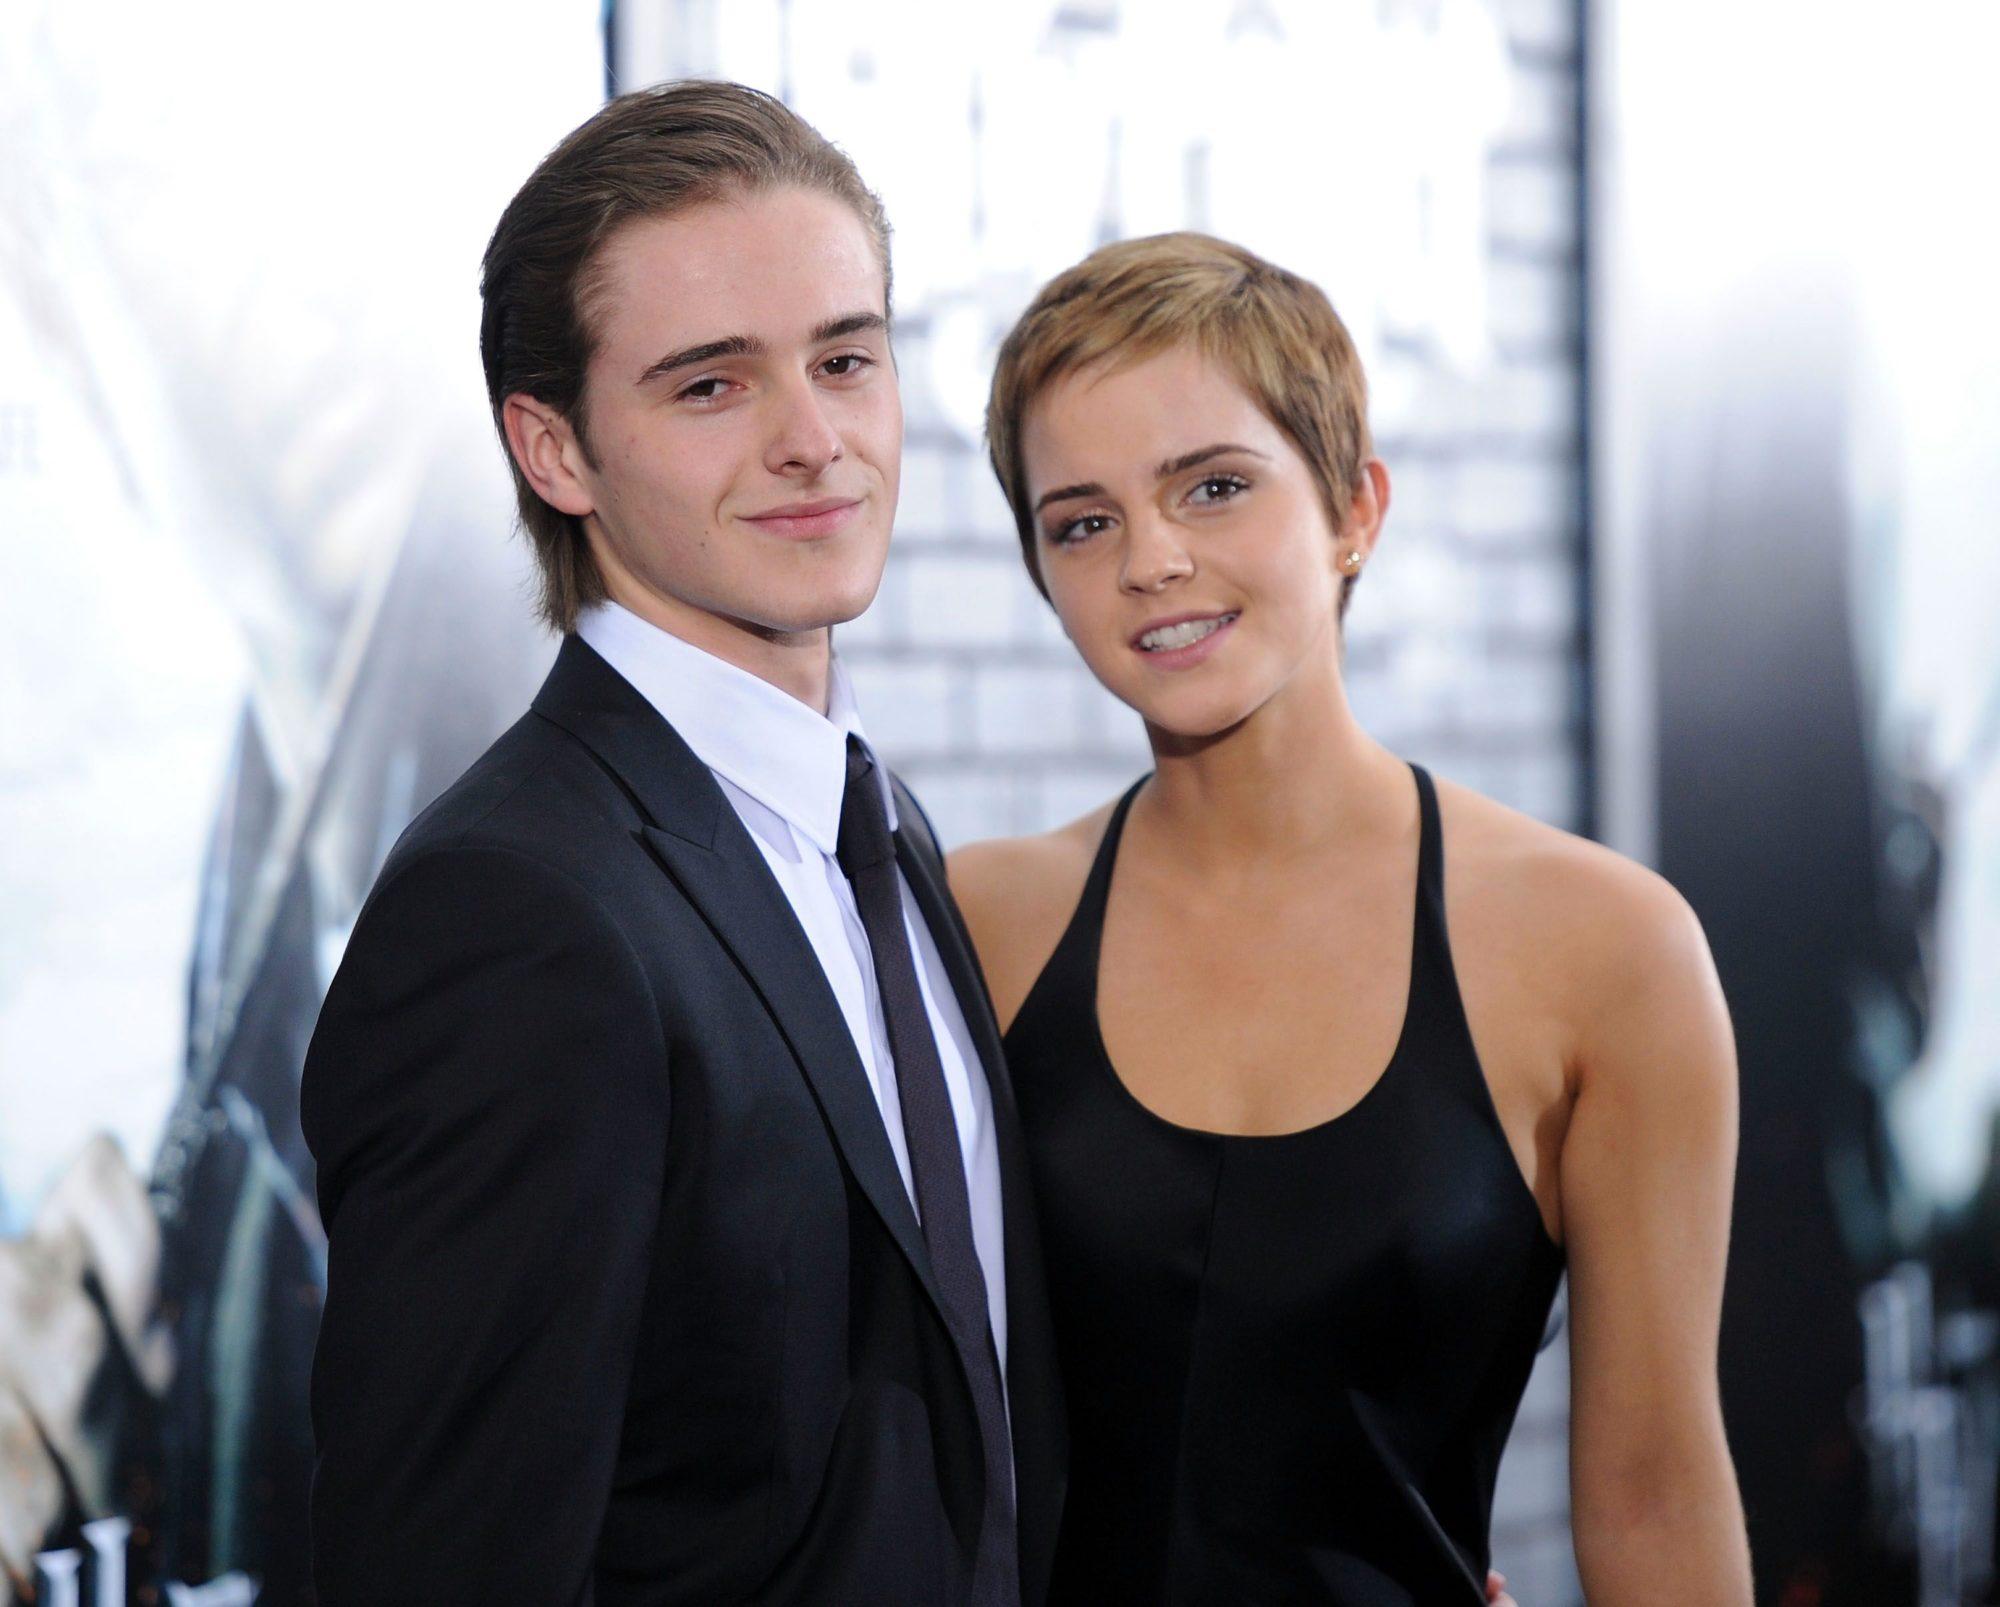 15個證明「神仙基因」的明星手足 黑寡婦「雙胞胎弟」不當明星太浪費!